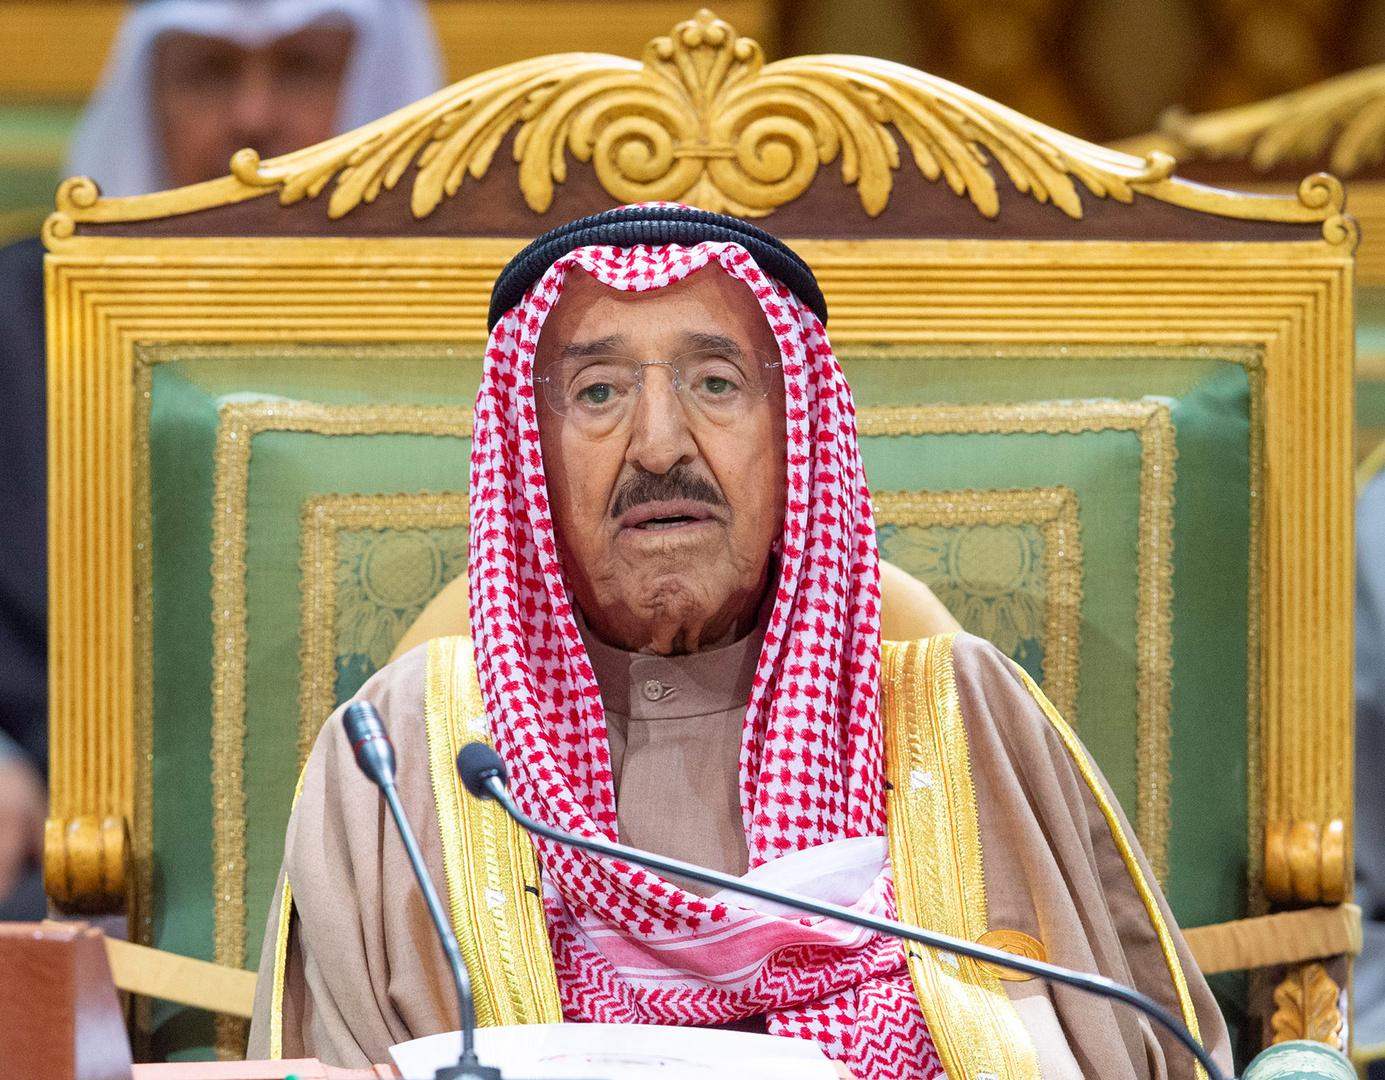 أمير الكويت يصل إلى الولايات المتحدة لـ